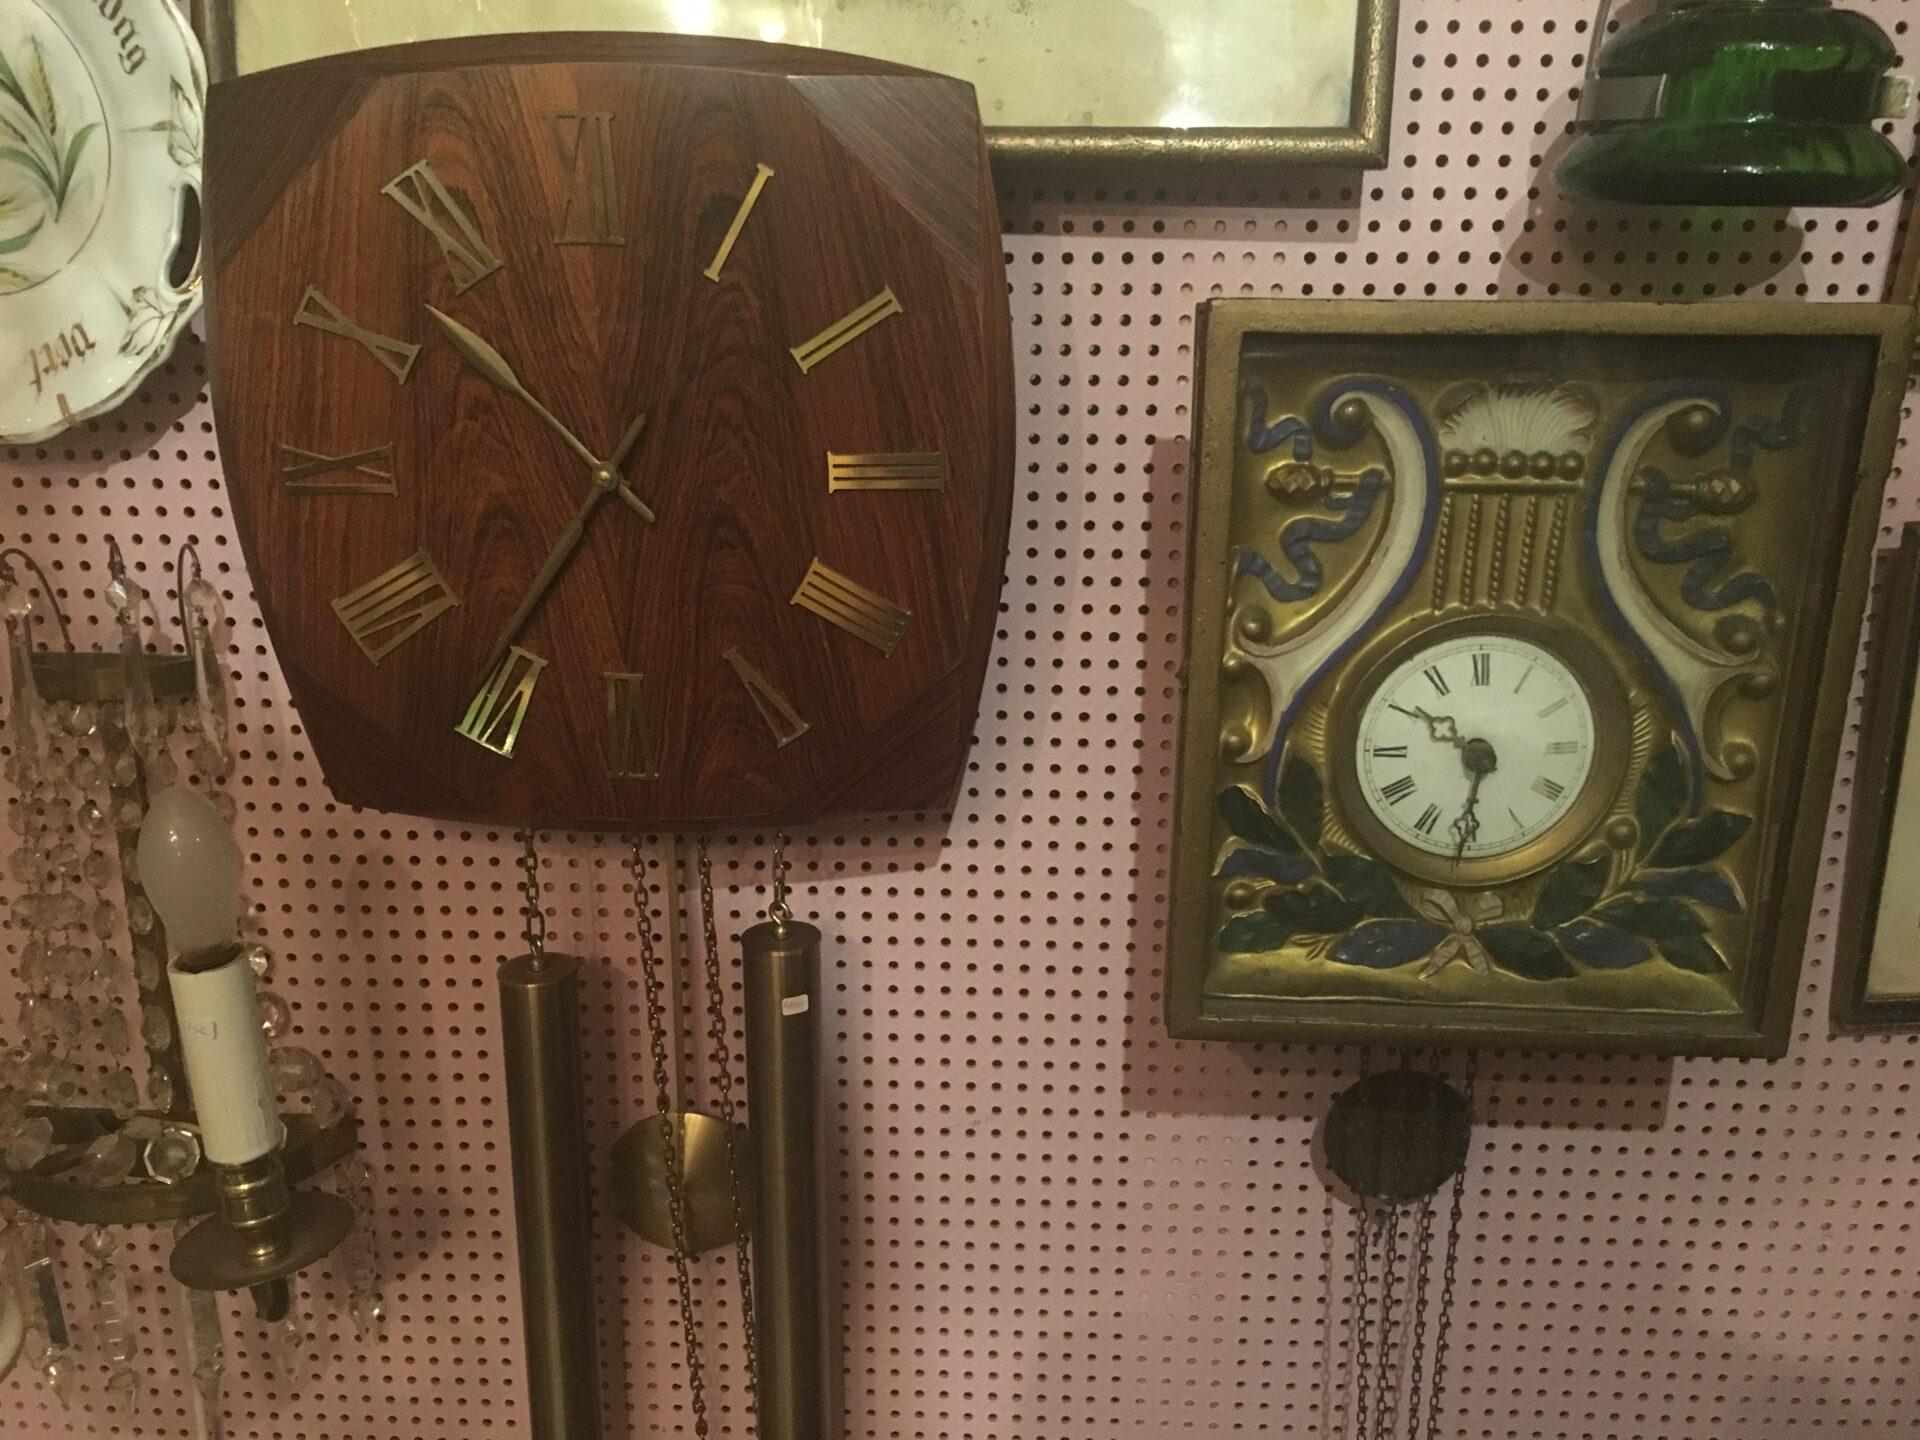 Retro vægur palisander træ, pris 400 kr. Schwartzwald ur fra 1800-tallet, pris 500 kr. Begge fungere